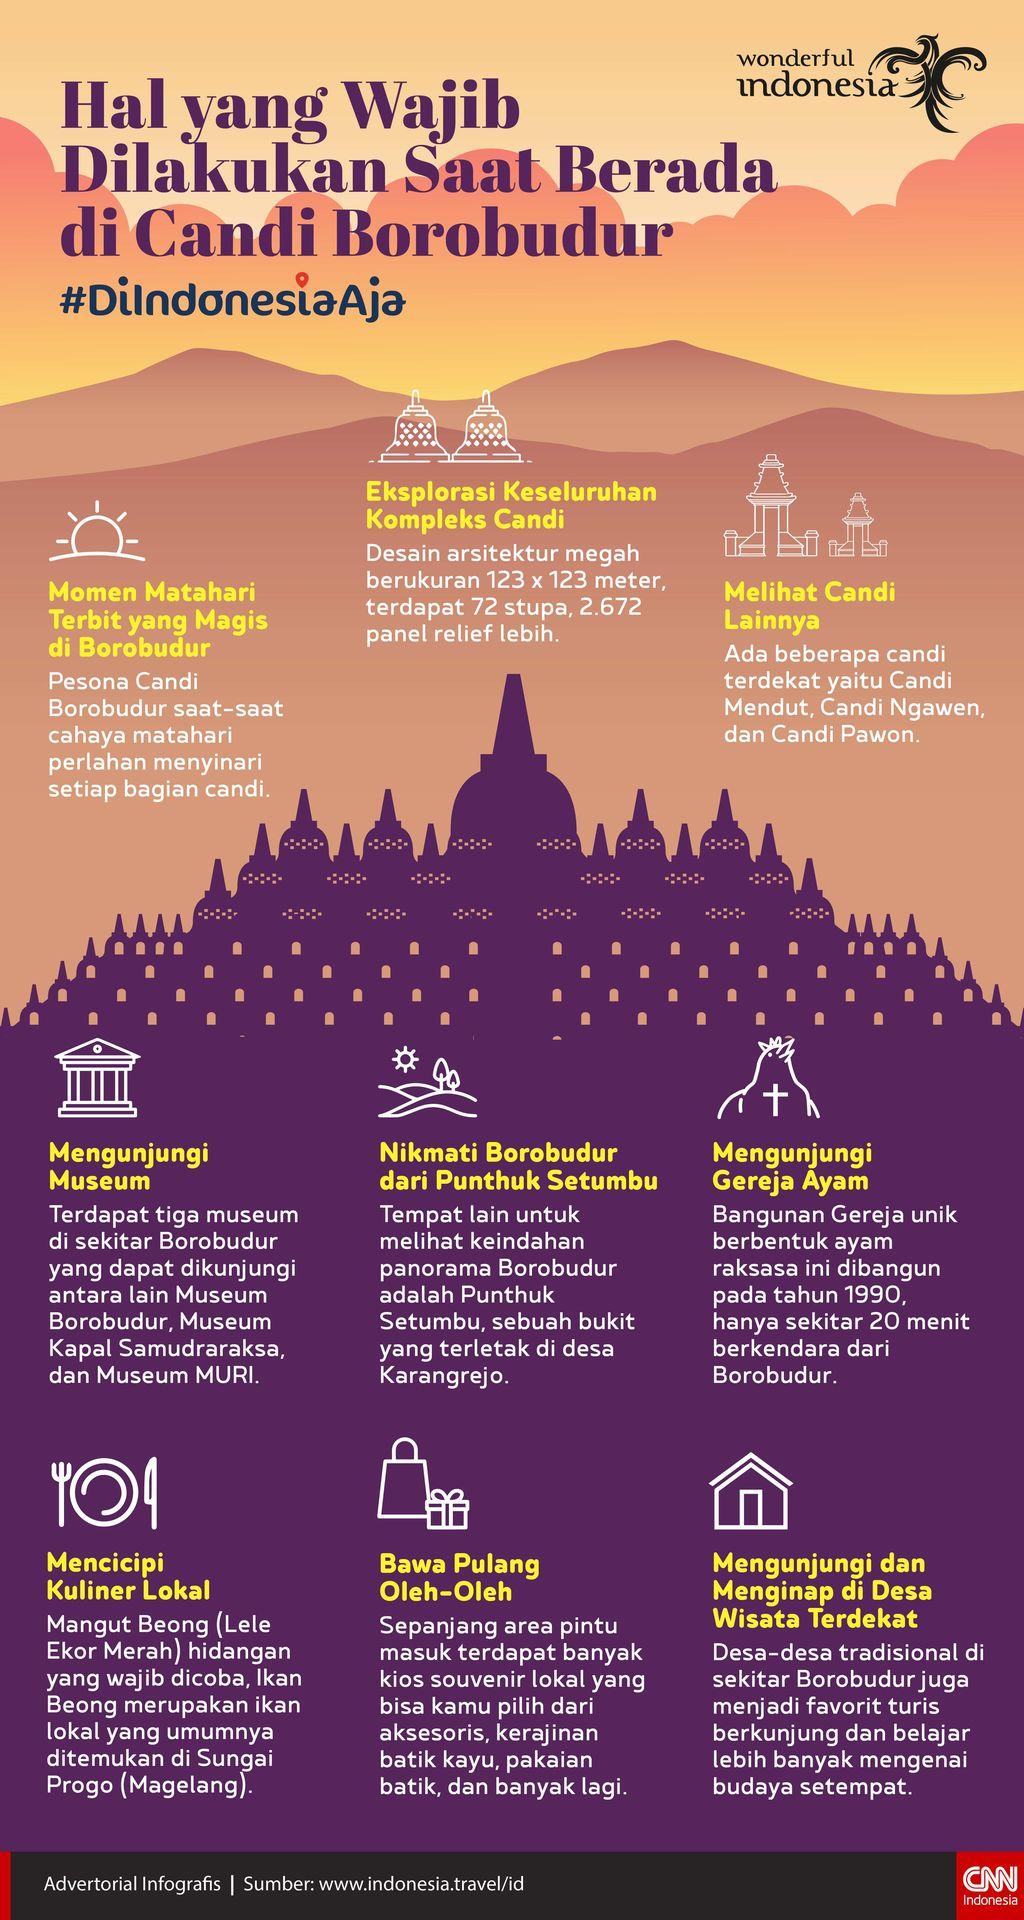 Infografis: Hal yang wajib dilakukan saat berada di Candi Borobudur